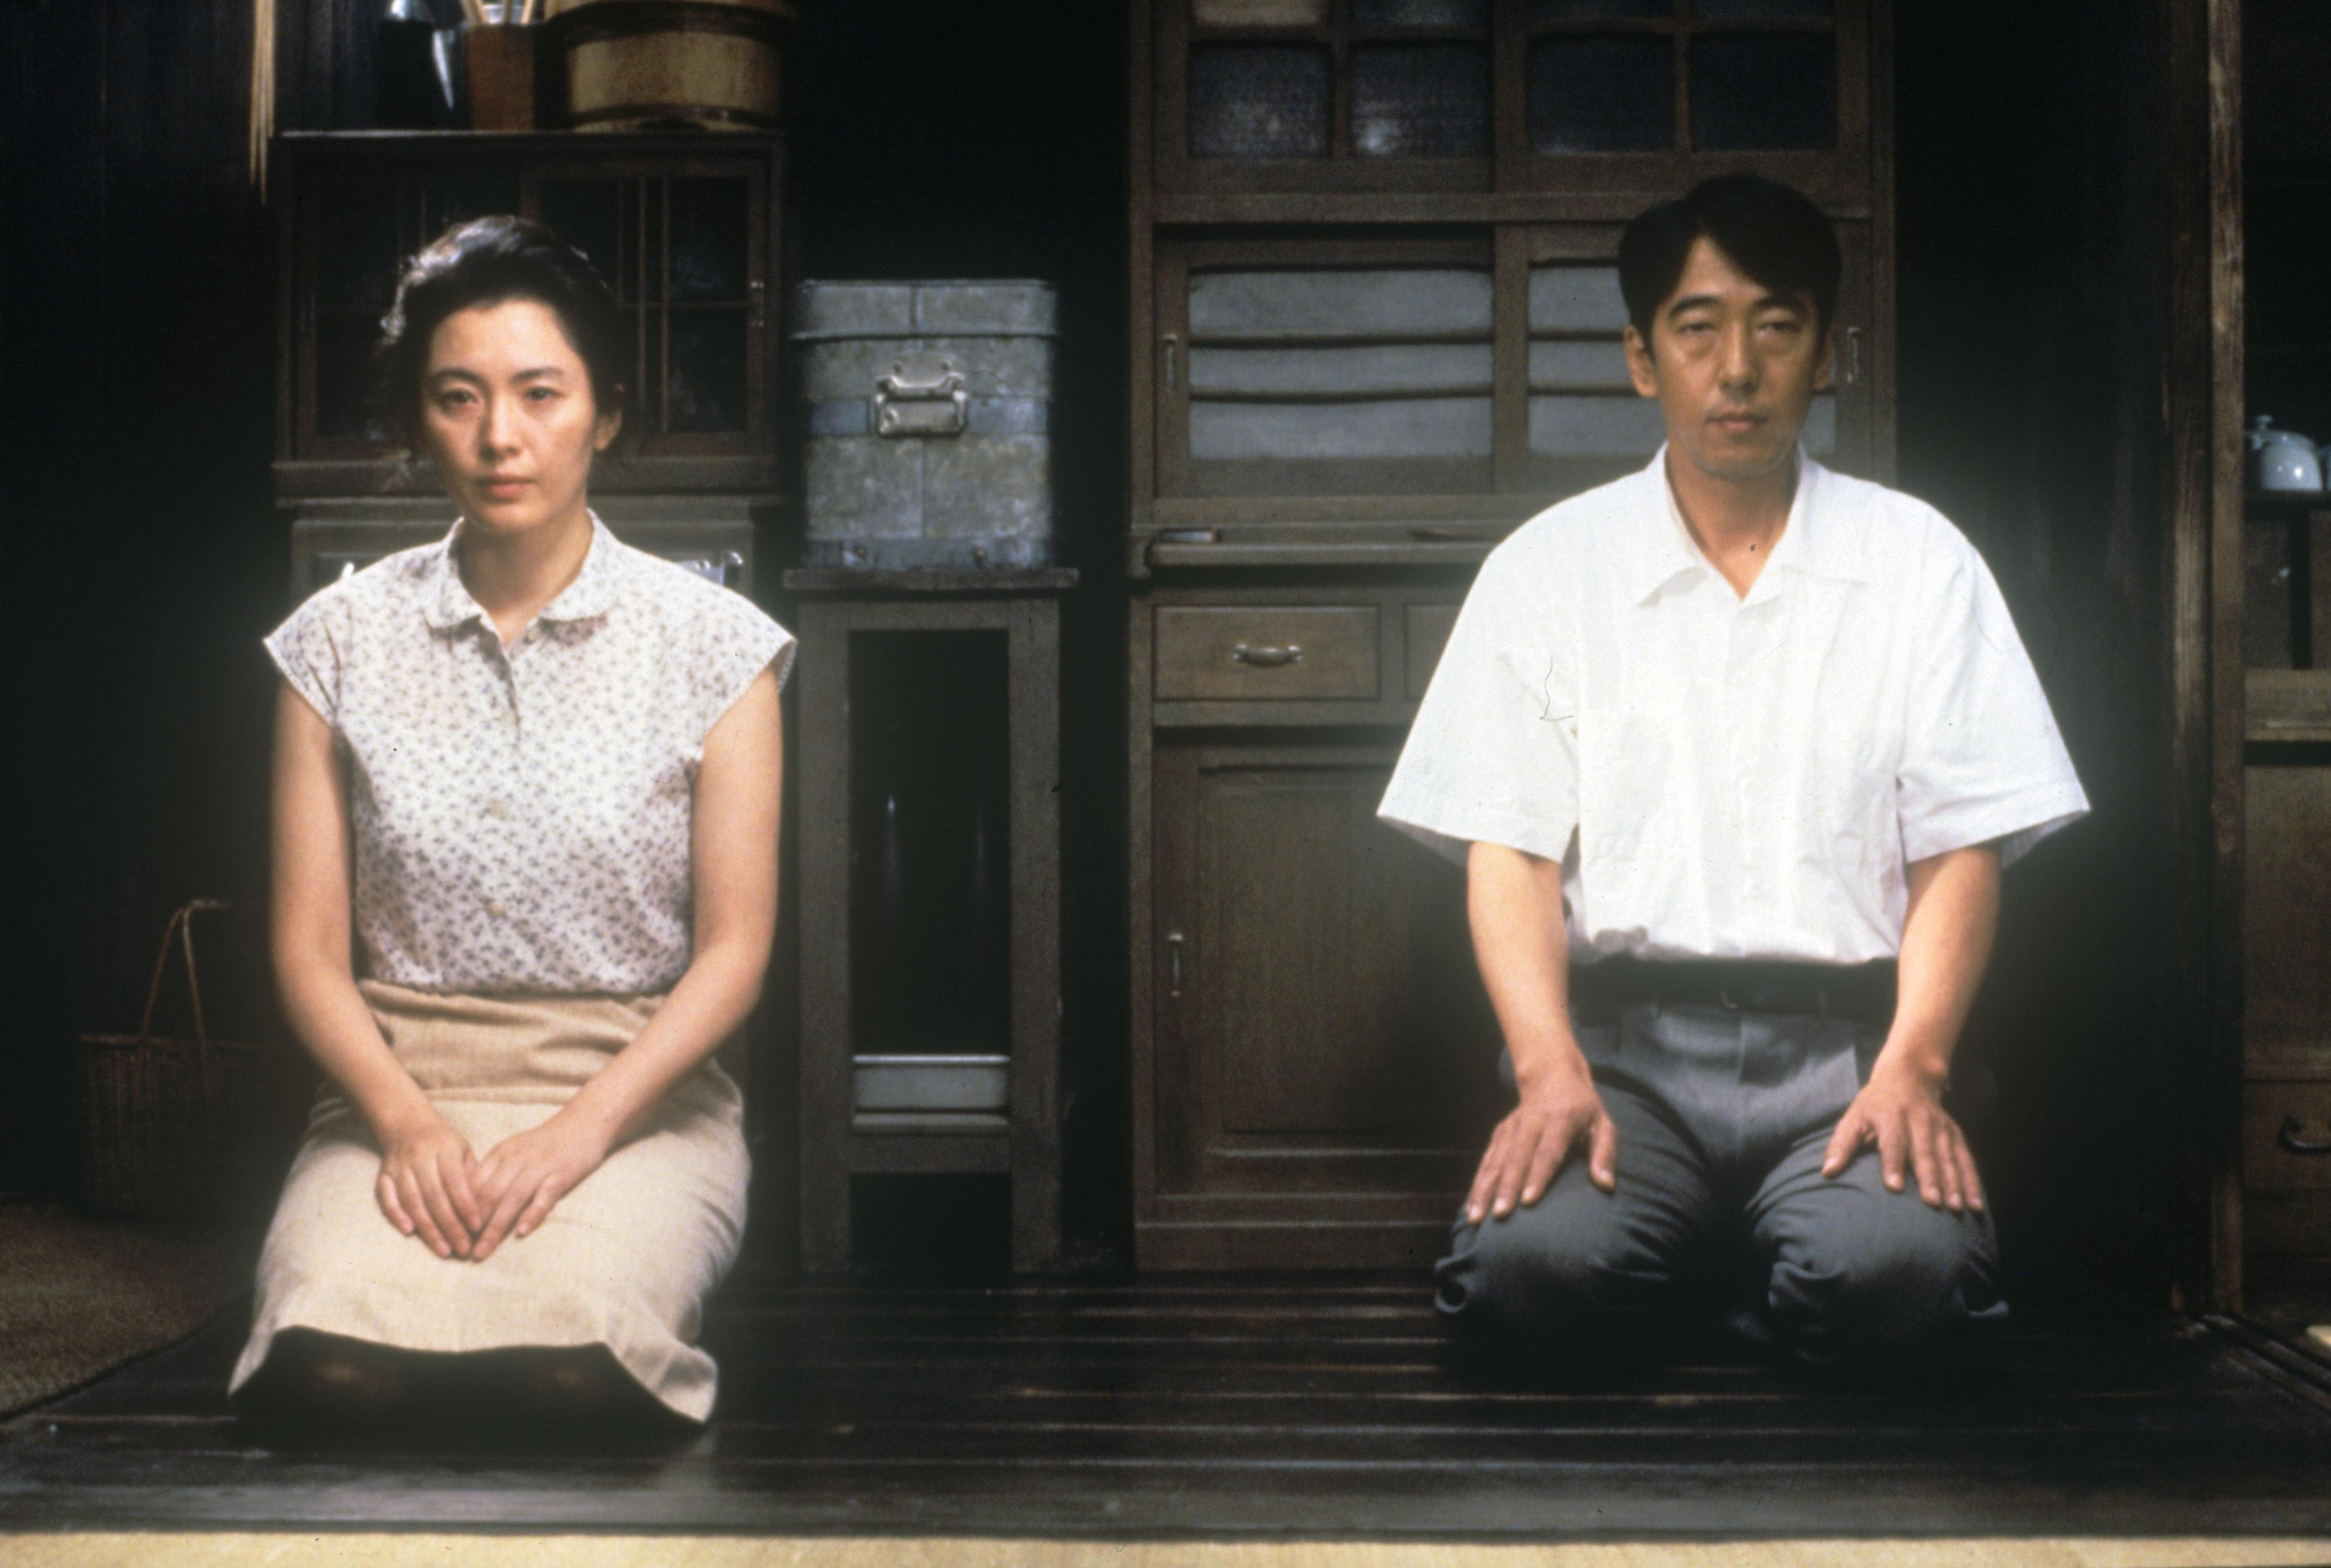 映画「死の棘」の一場面(ⓒ松竹、DVD―Book「死の棘」駒草出版)